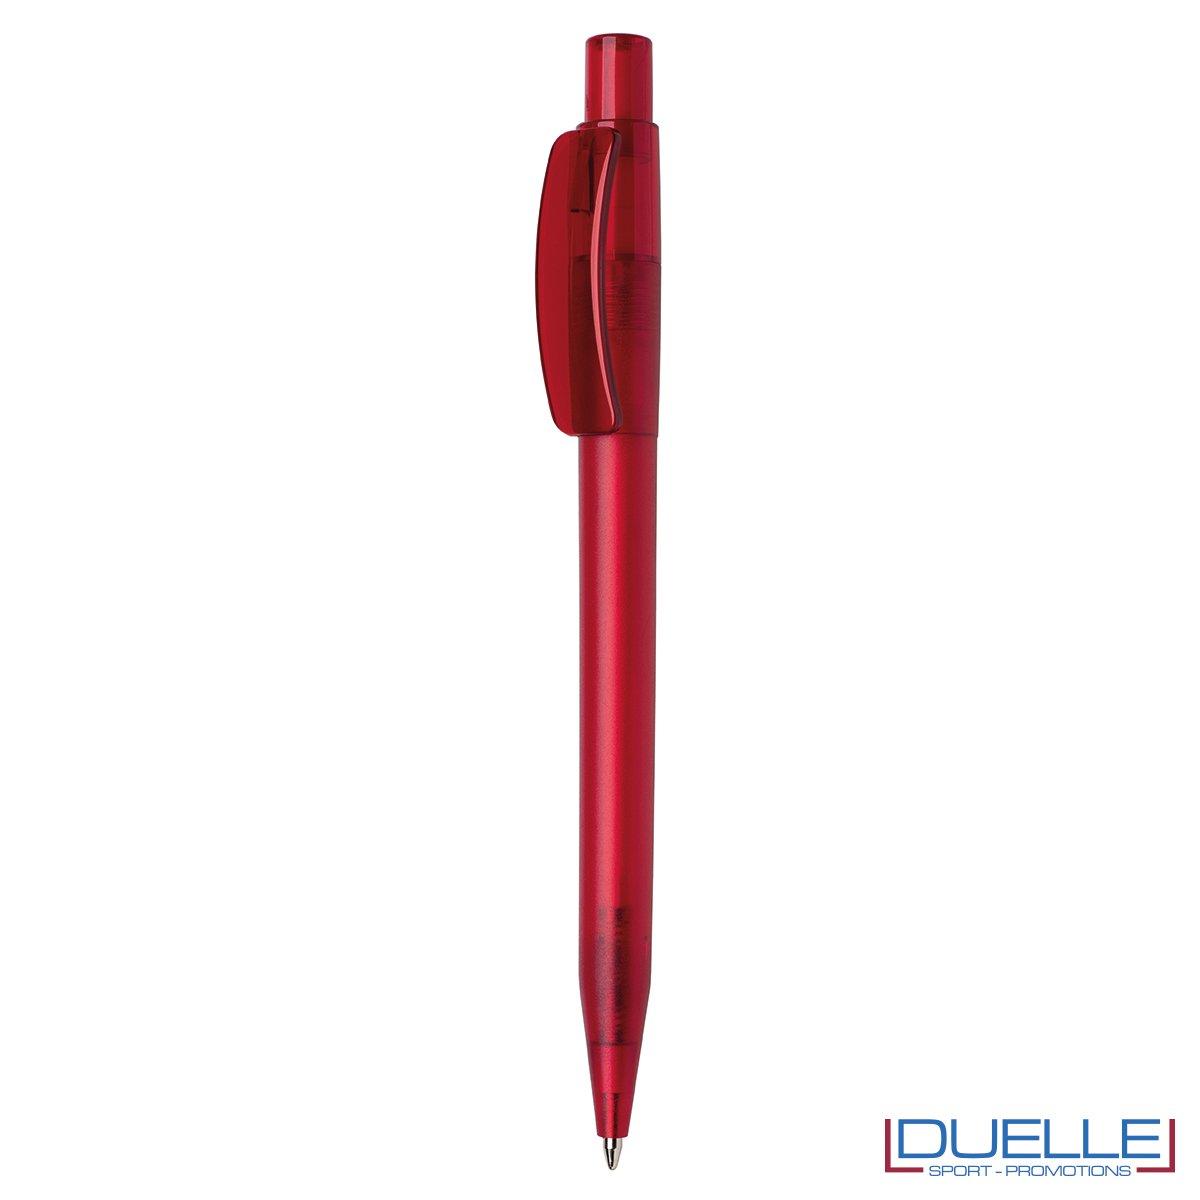 Penna Made in Italy personalizzata rosso effetto frost, gadget aziendali, penne personalizzate, gadget personalizzati, articoli promozionali